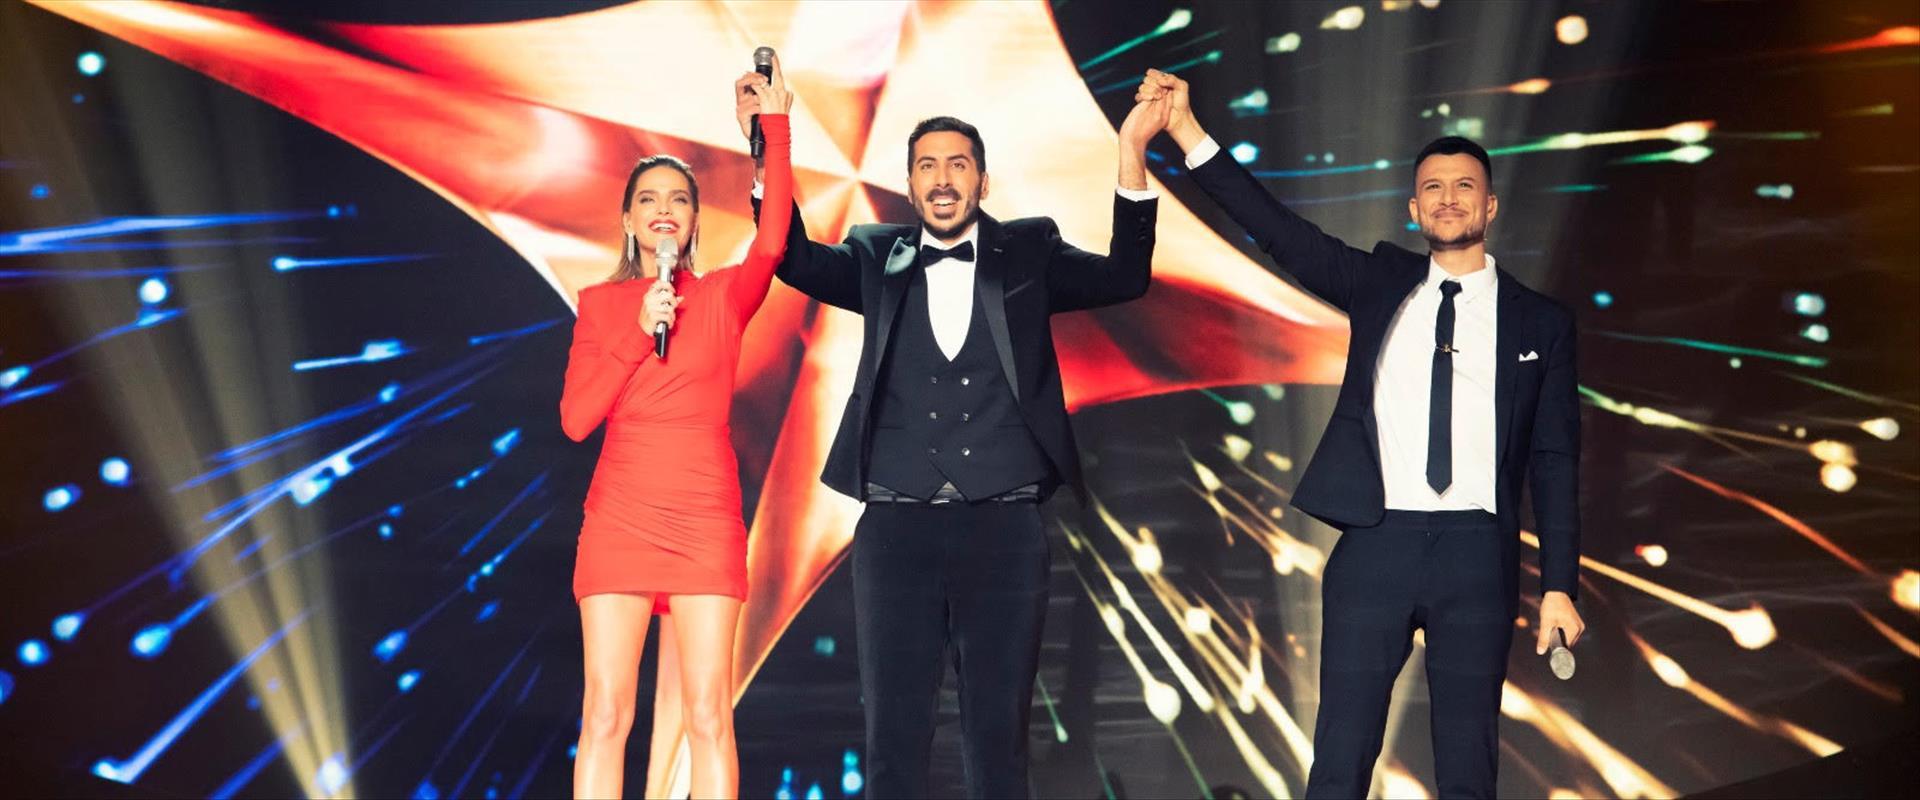 קובי מרימי הוא נציג ישראל באירוויזיון 2019